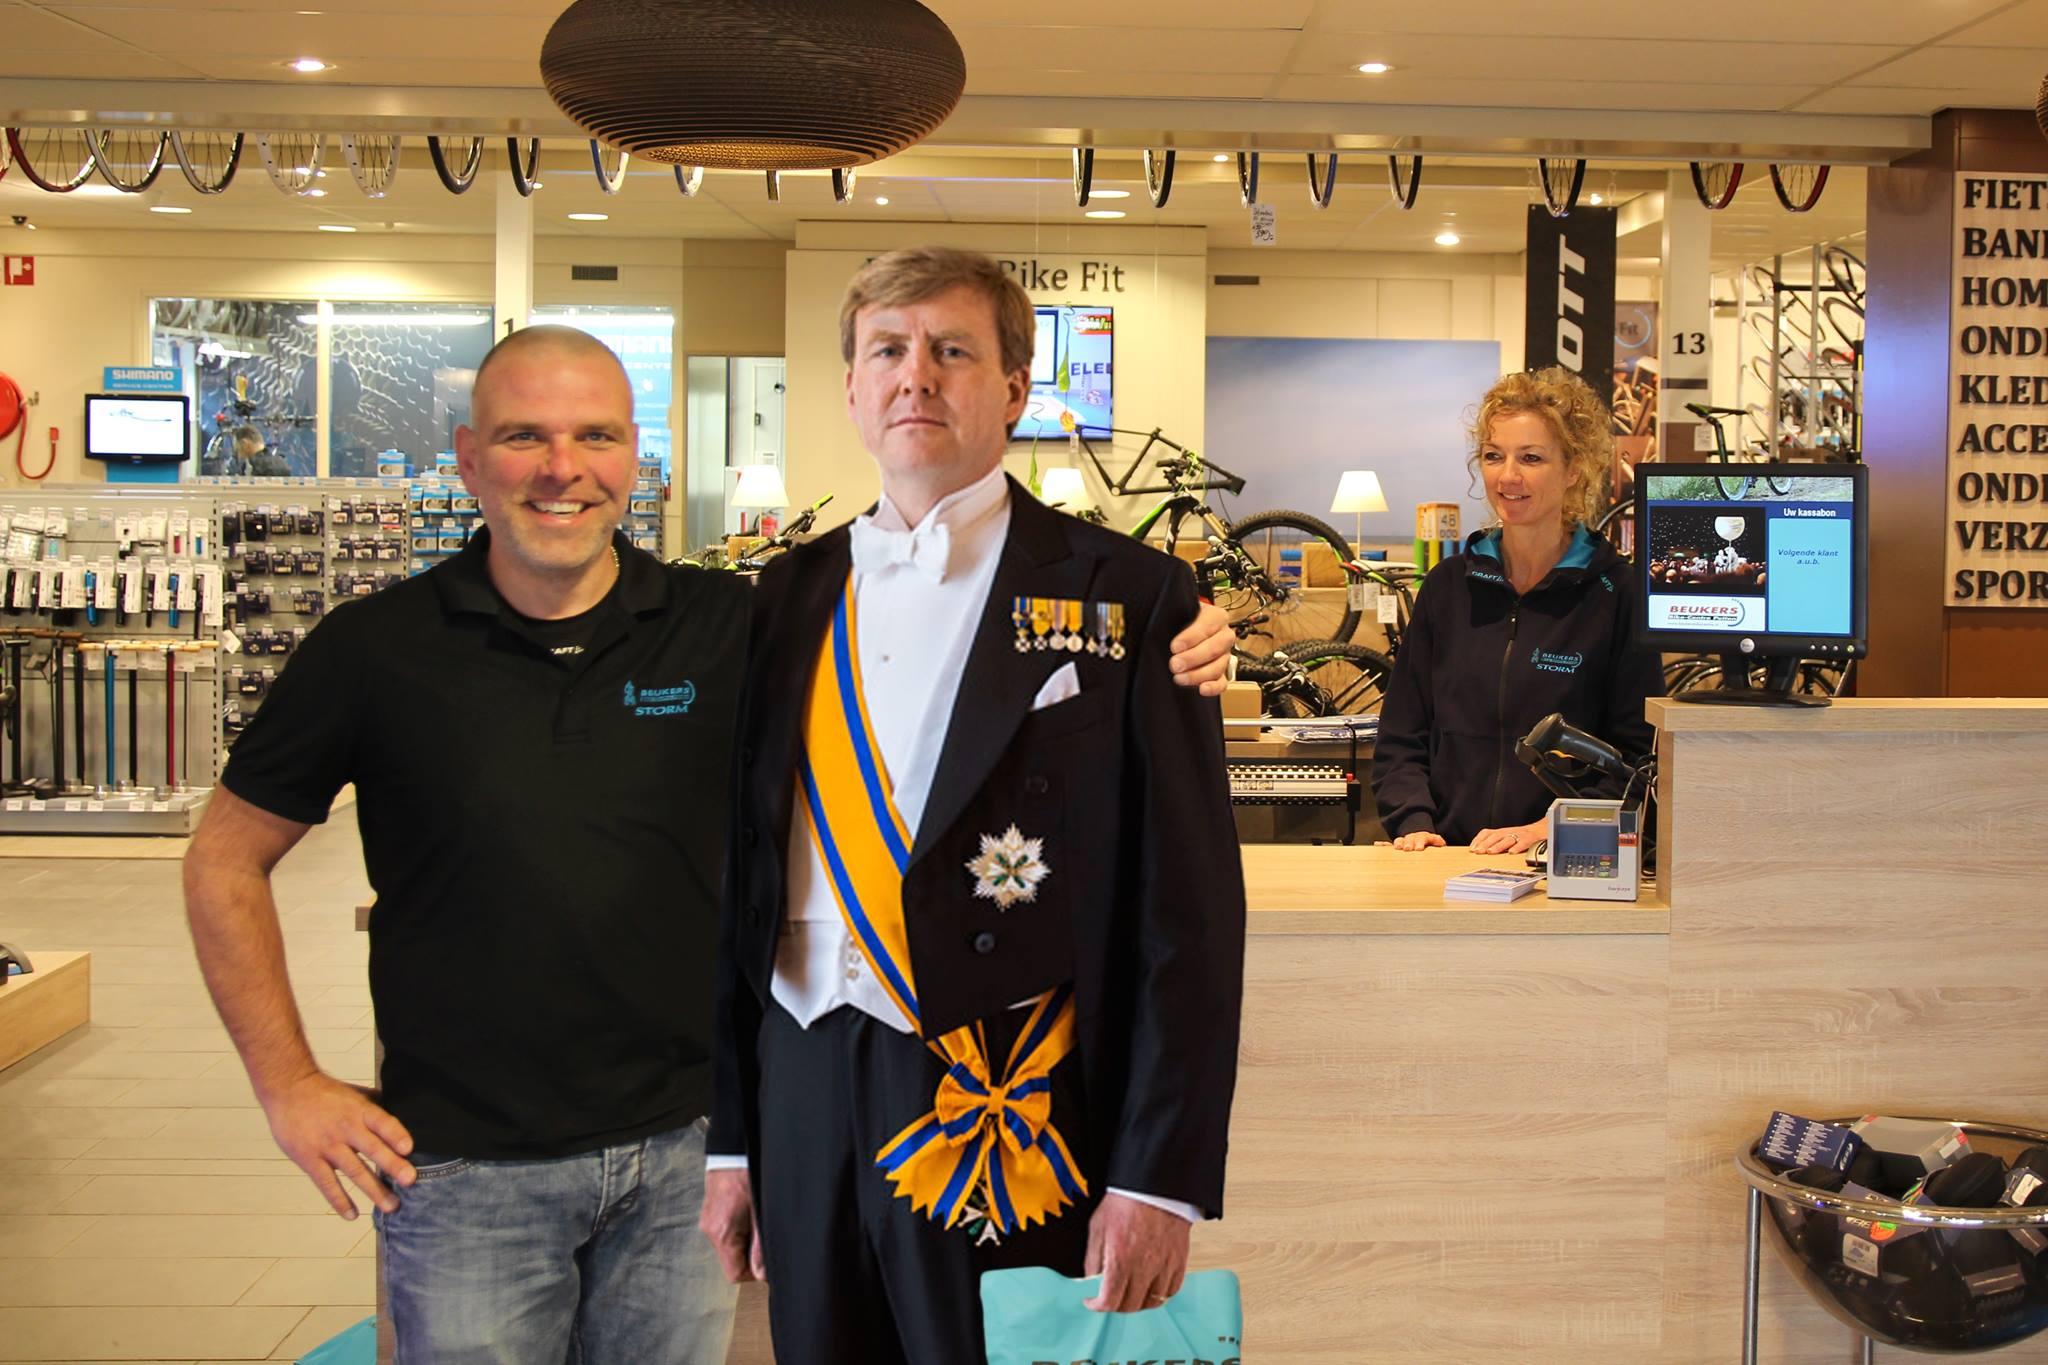 Fietsenwinkel noord holland